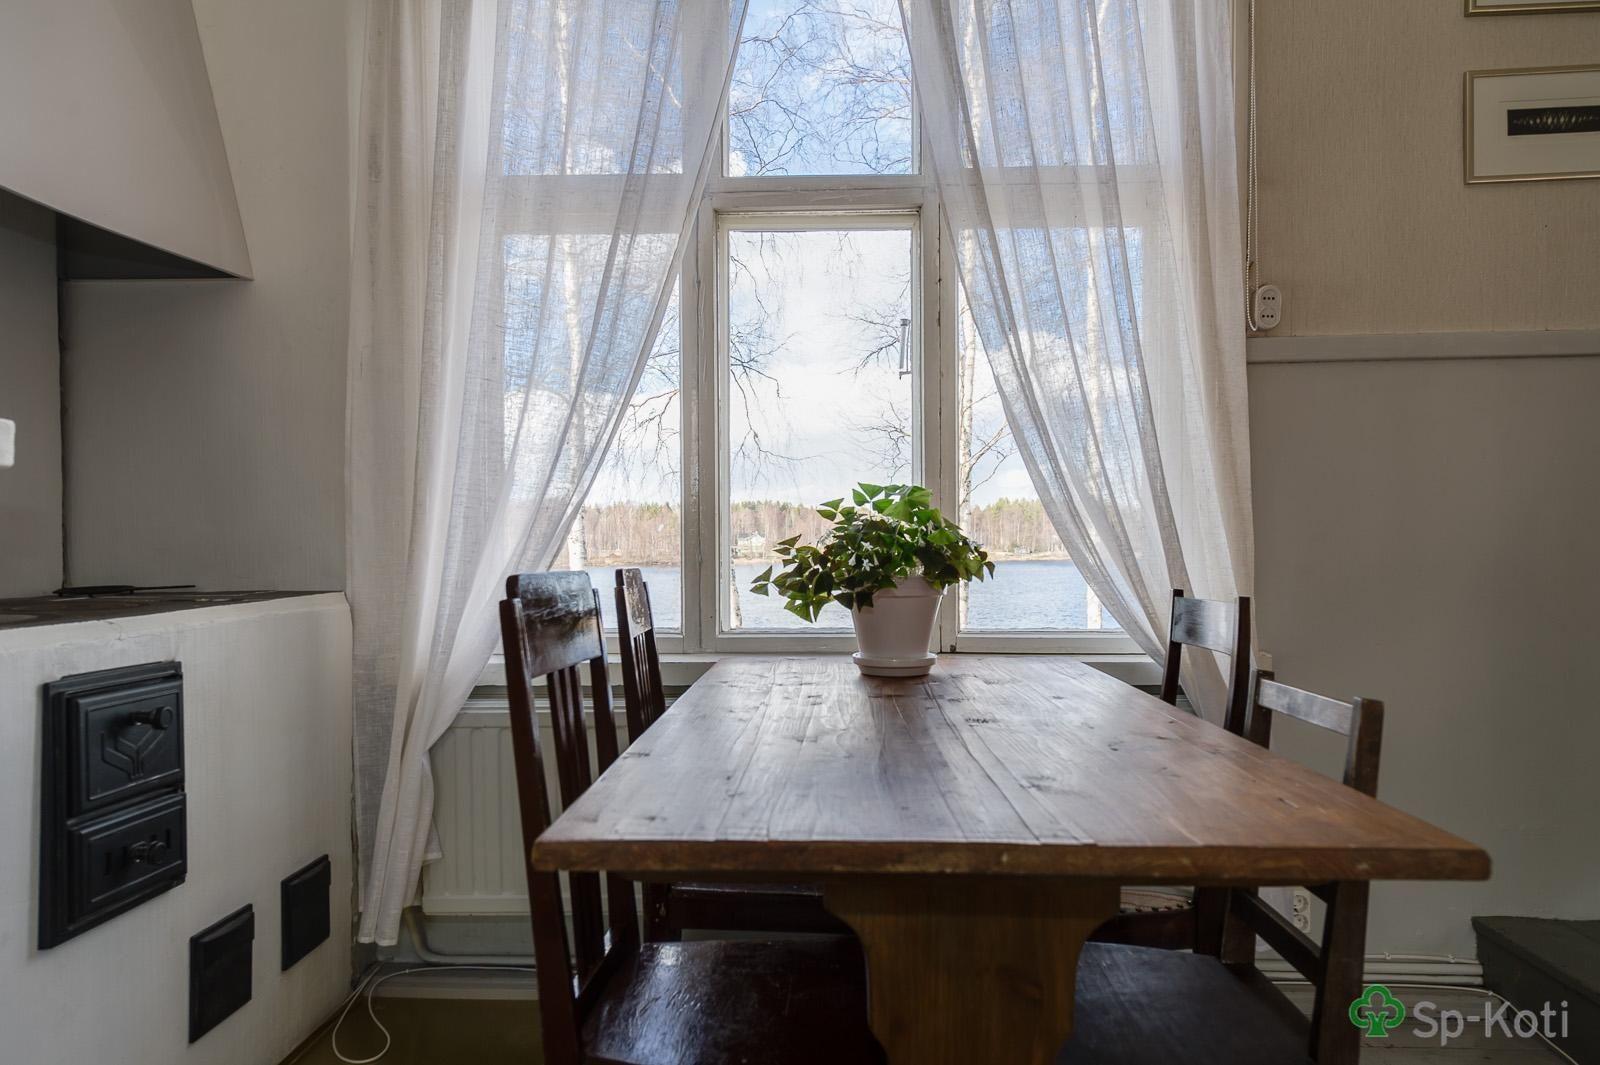 Myydään Omakotitalo Yli 5 huonetta - Ii Kauppila Kauppilantie 12 - Etuovi.com 9825319